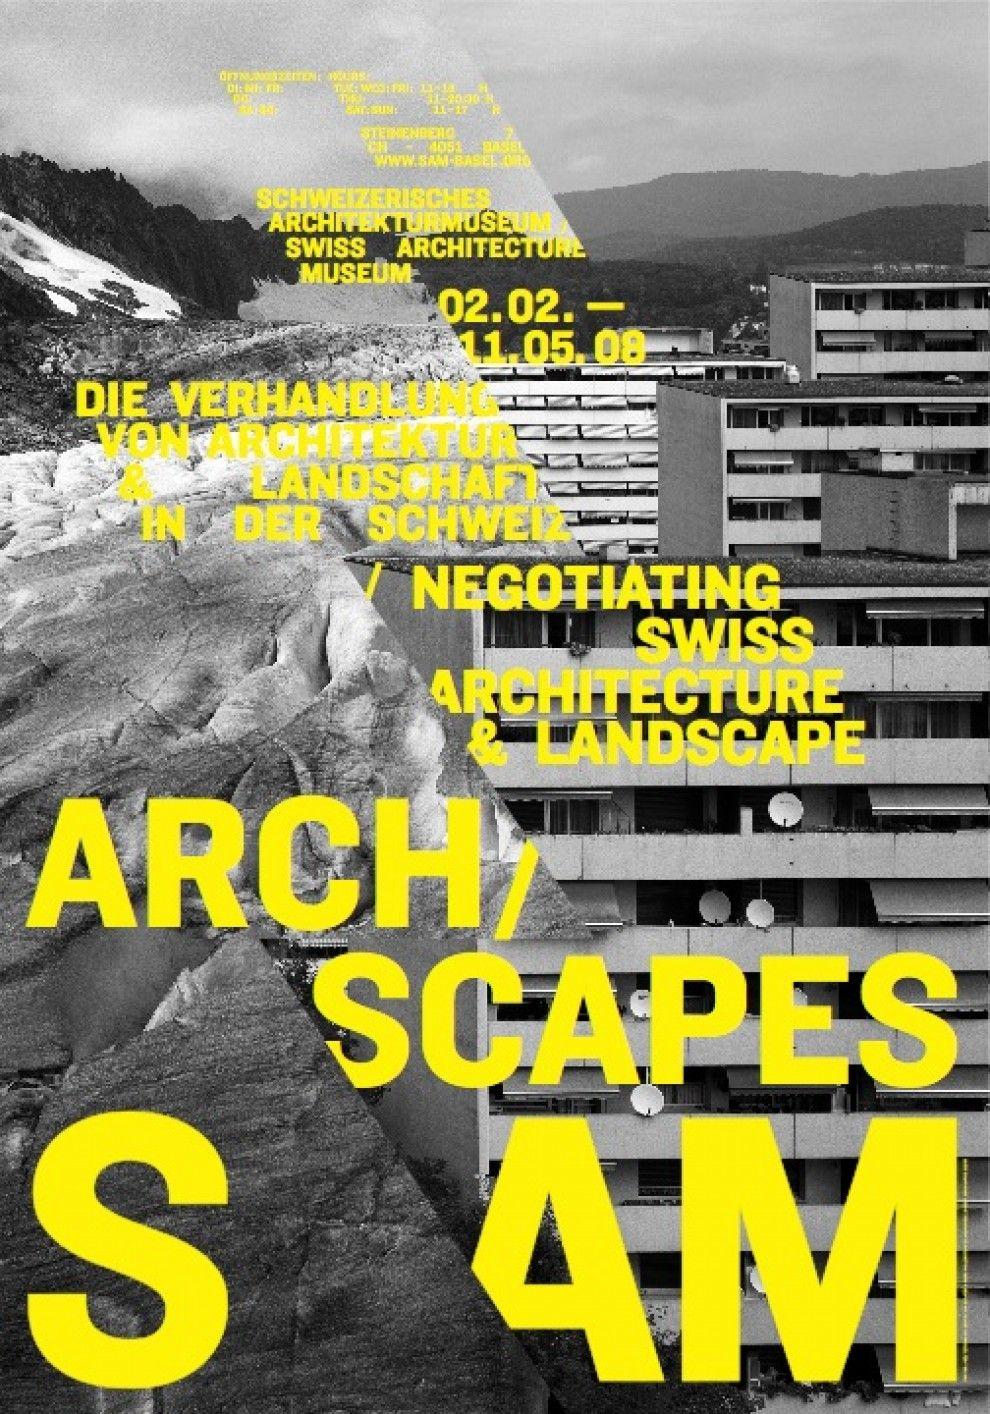 Arch Scapes. Die Verhandlung von Architektur & Landschaft in der Schweiz | S AM Schweizerisches Architekturmuseum